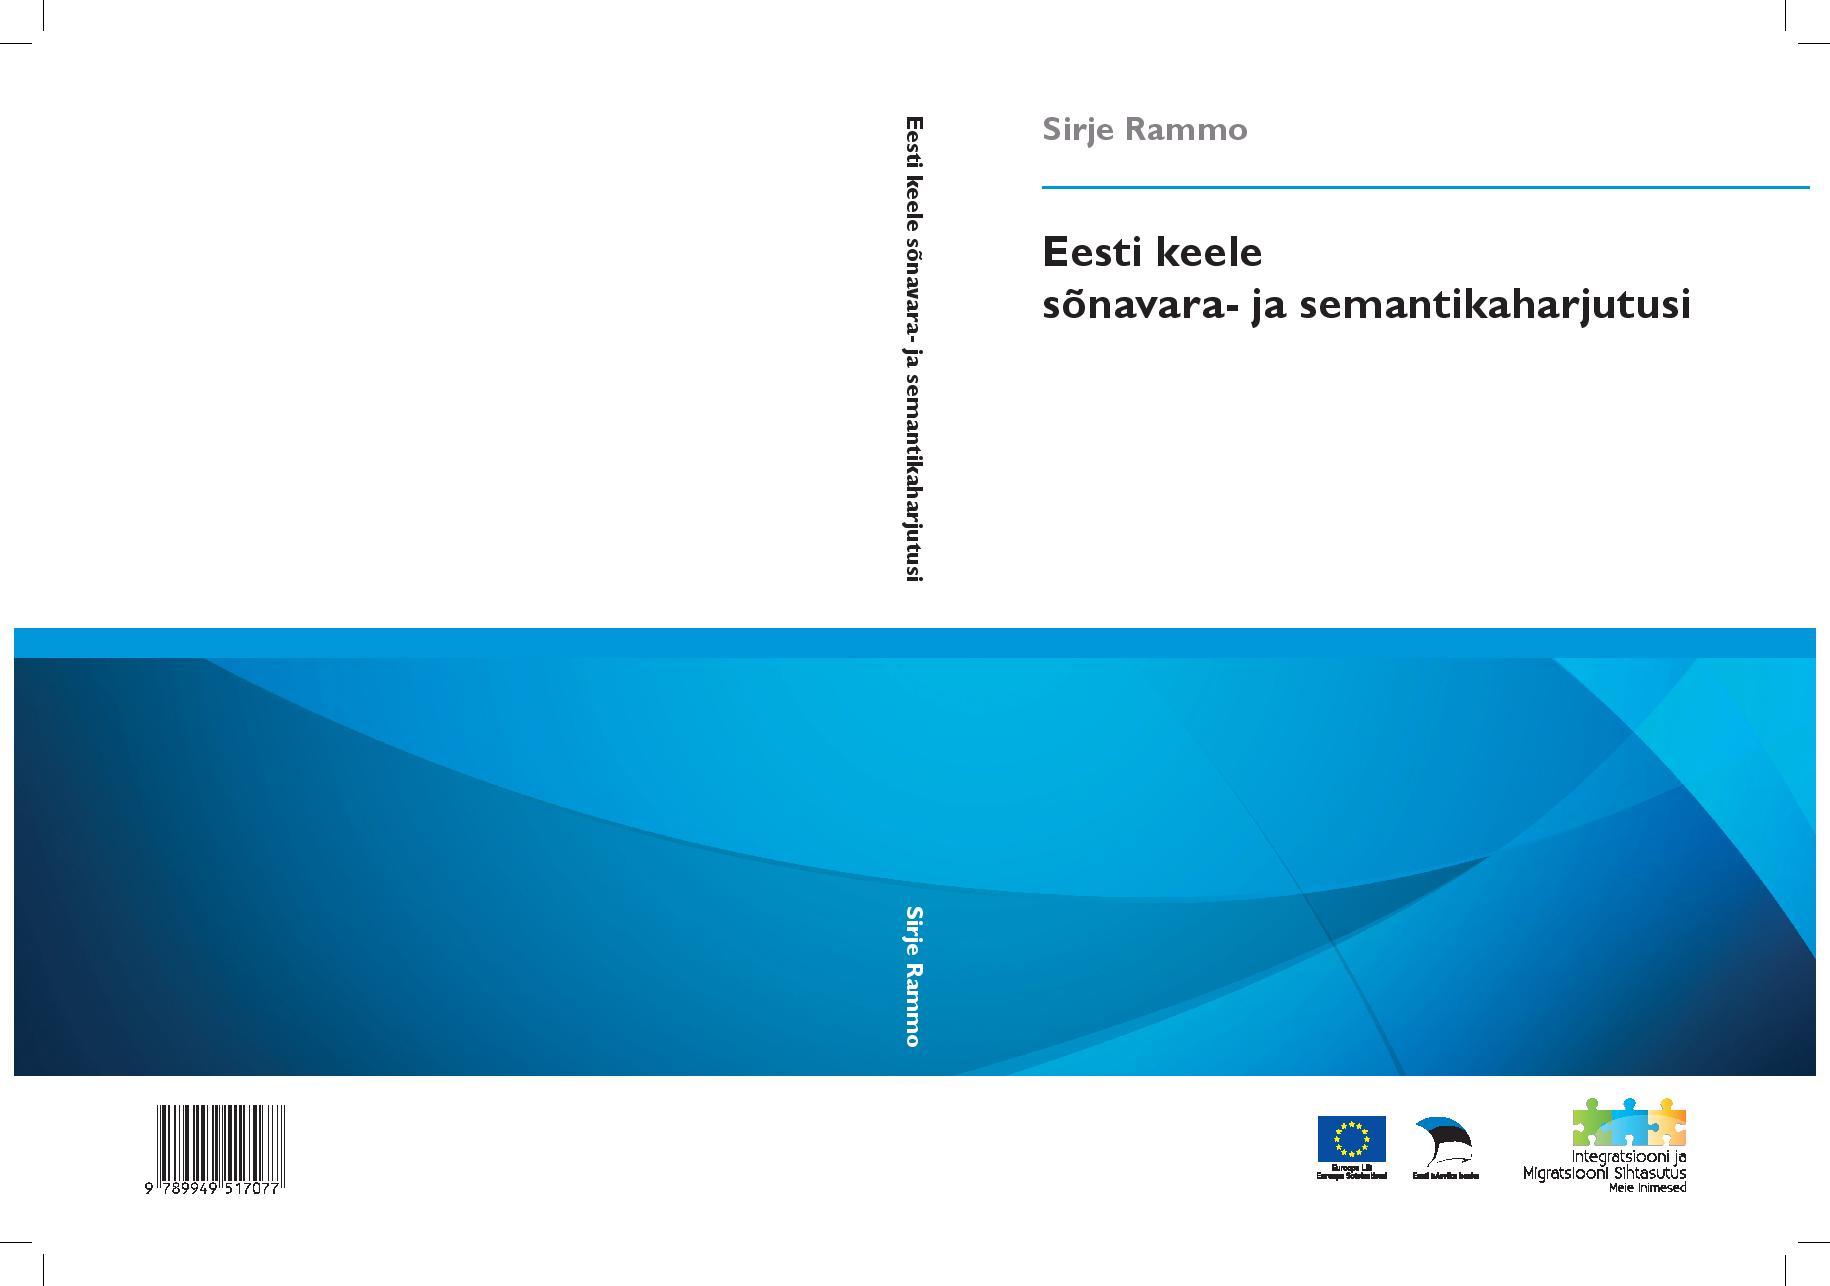 <dt>Pealkiri: </dt><dd> Eesti keele sõnavara- ja semantikaharjutusi</dd>